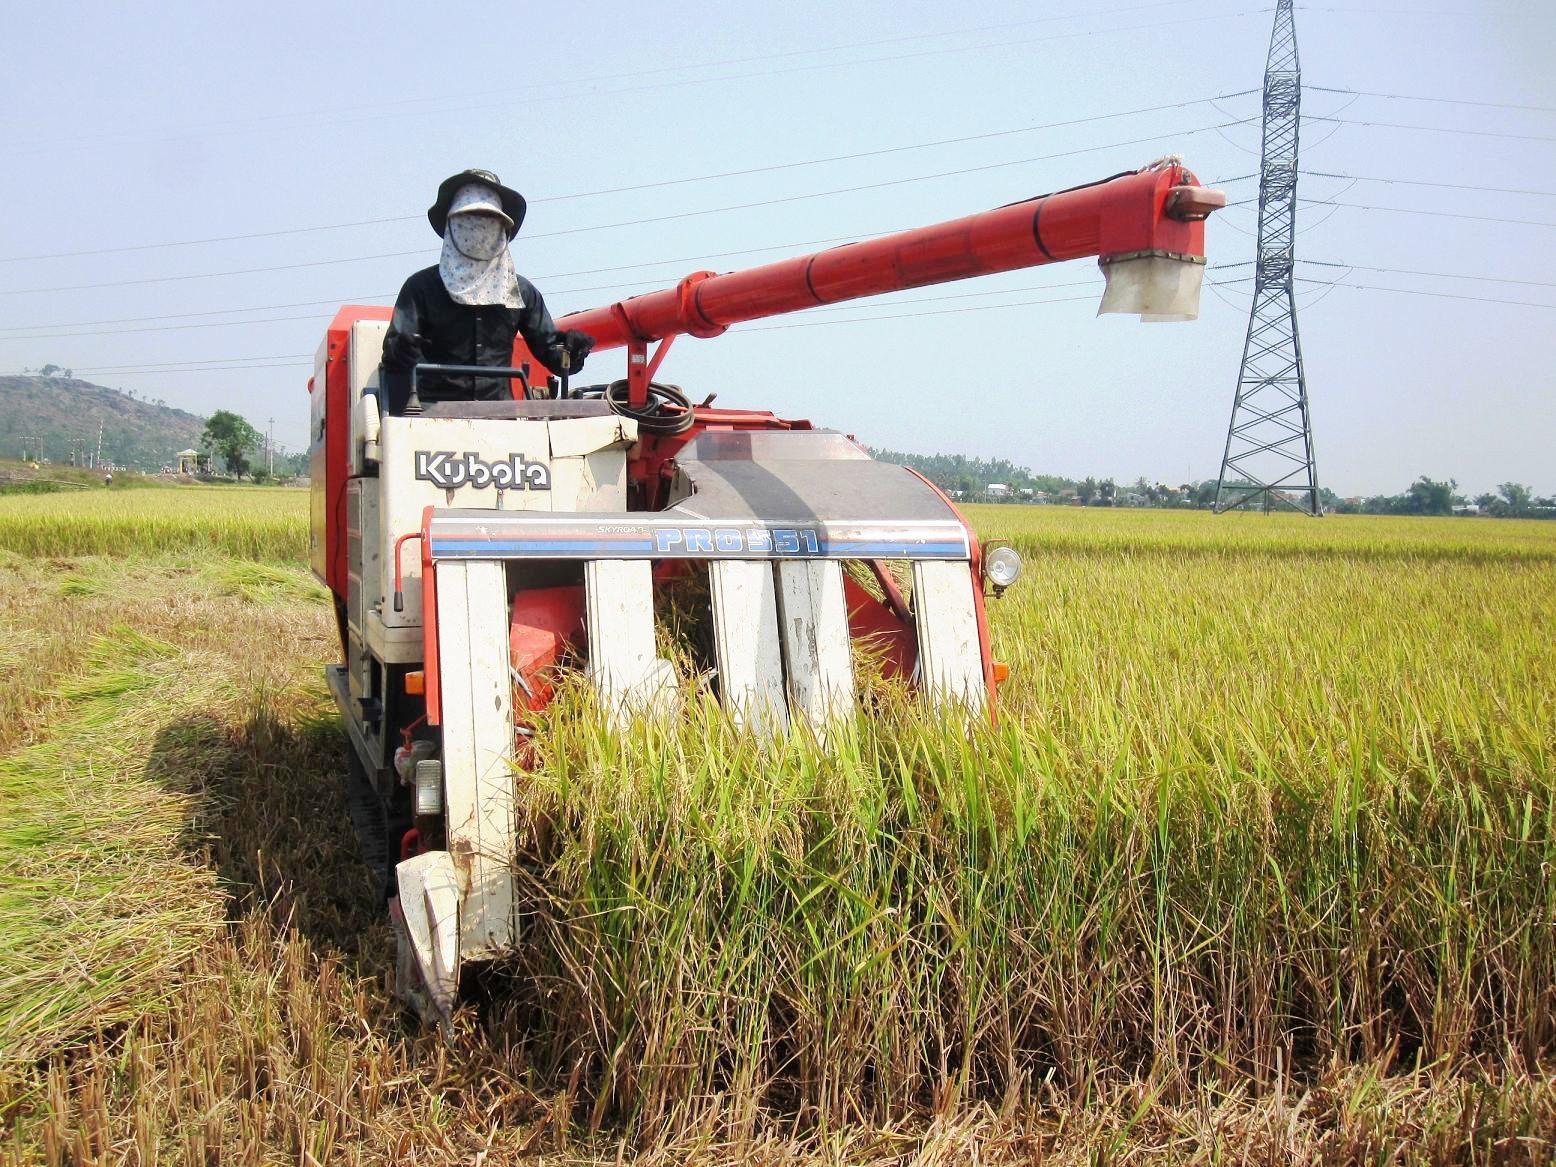 """Trong định hướng đột phá về nguồn nhân lực, Quảng Nam cần quan tâm xây dựng đội ngũ """"nông dân chất lượng cao"""". Ảnh: V.S"""